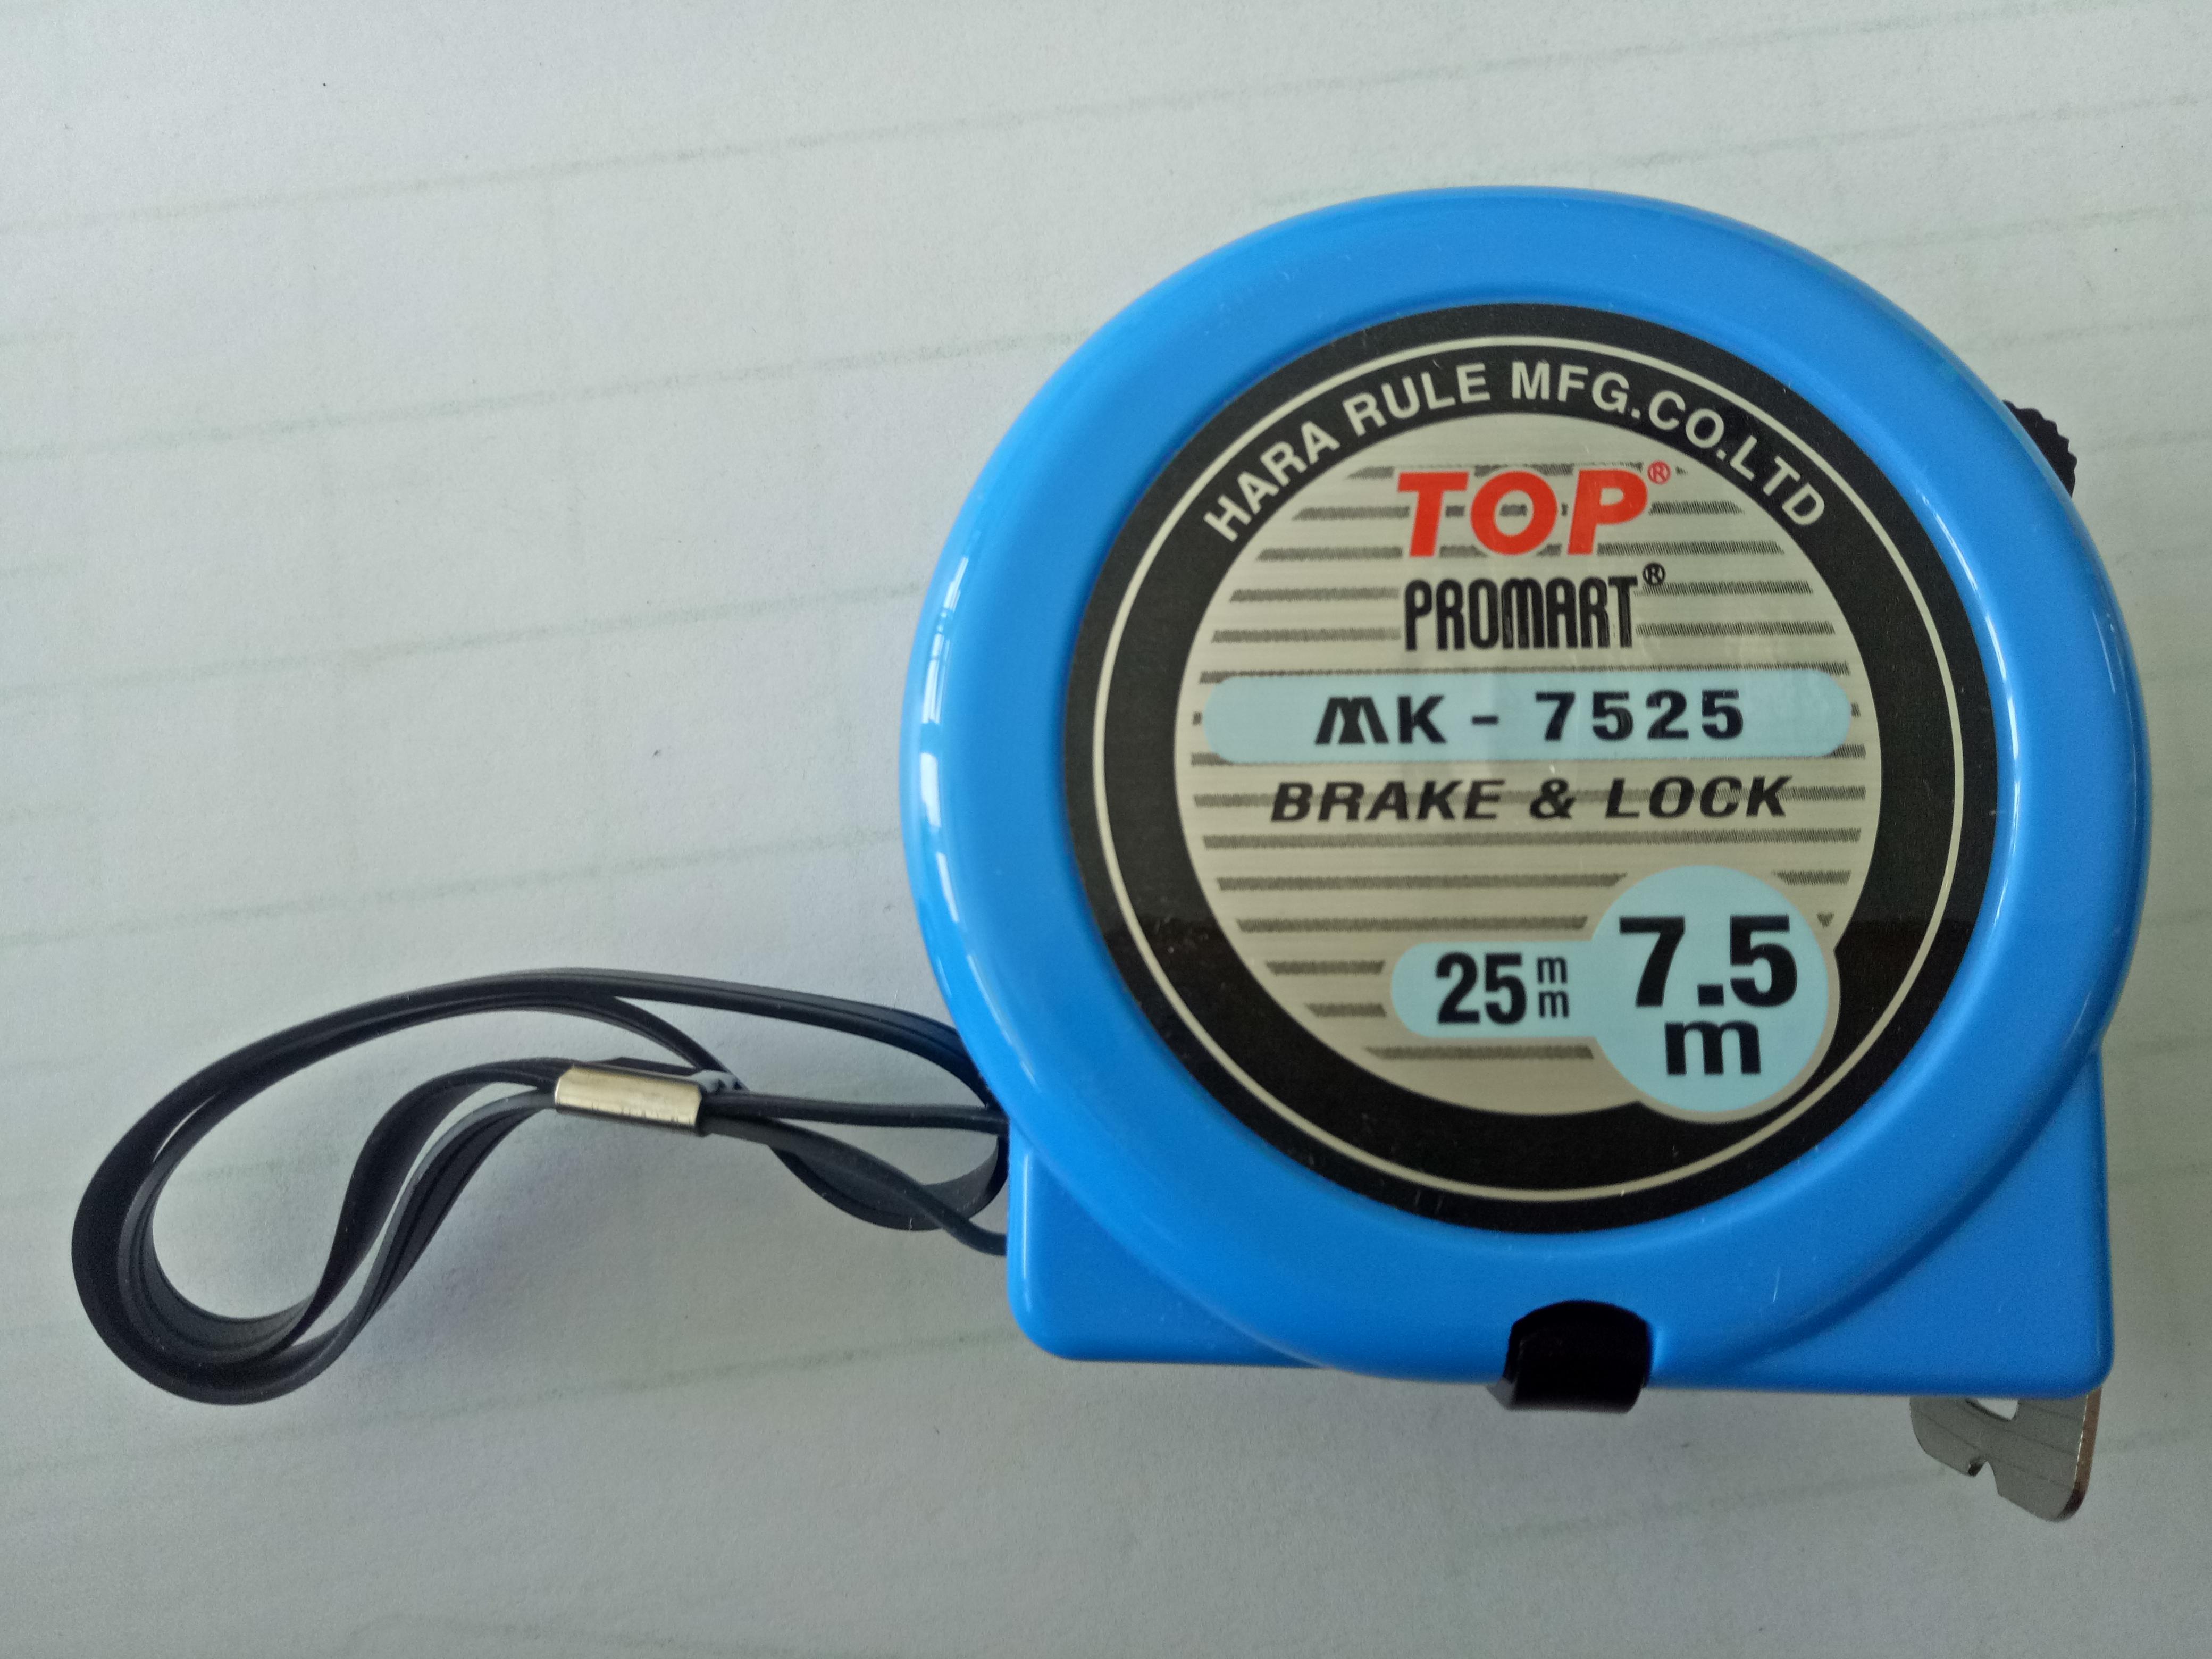 Tape measures  MK-7525 Promart Top